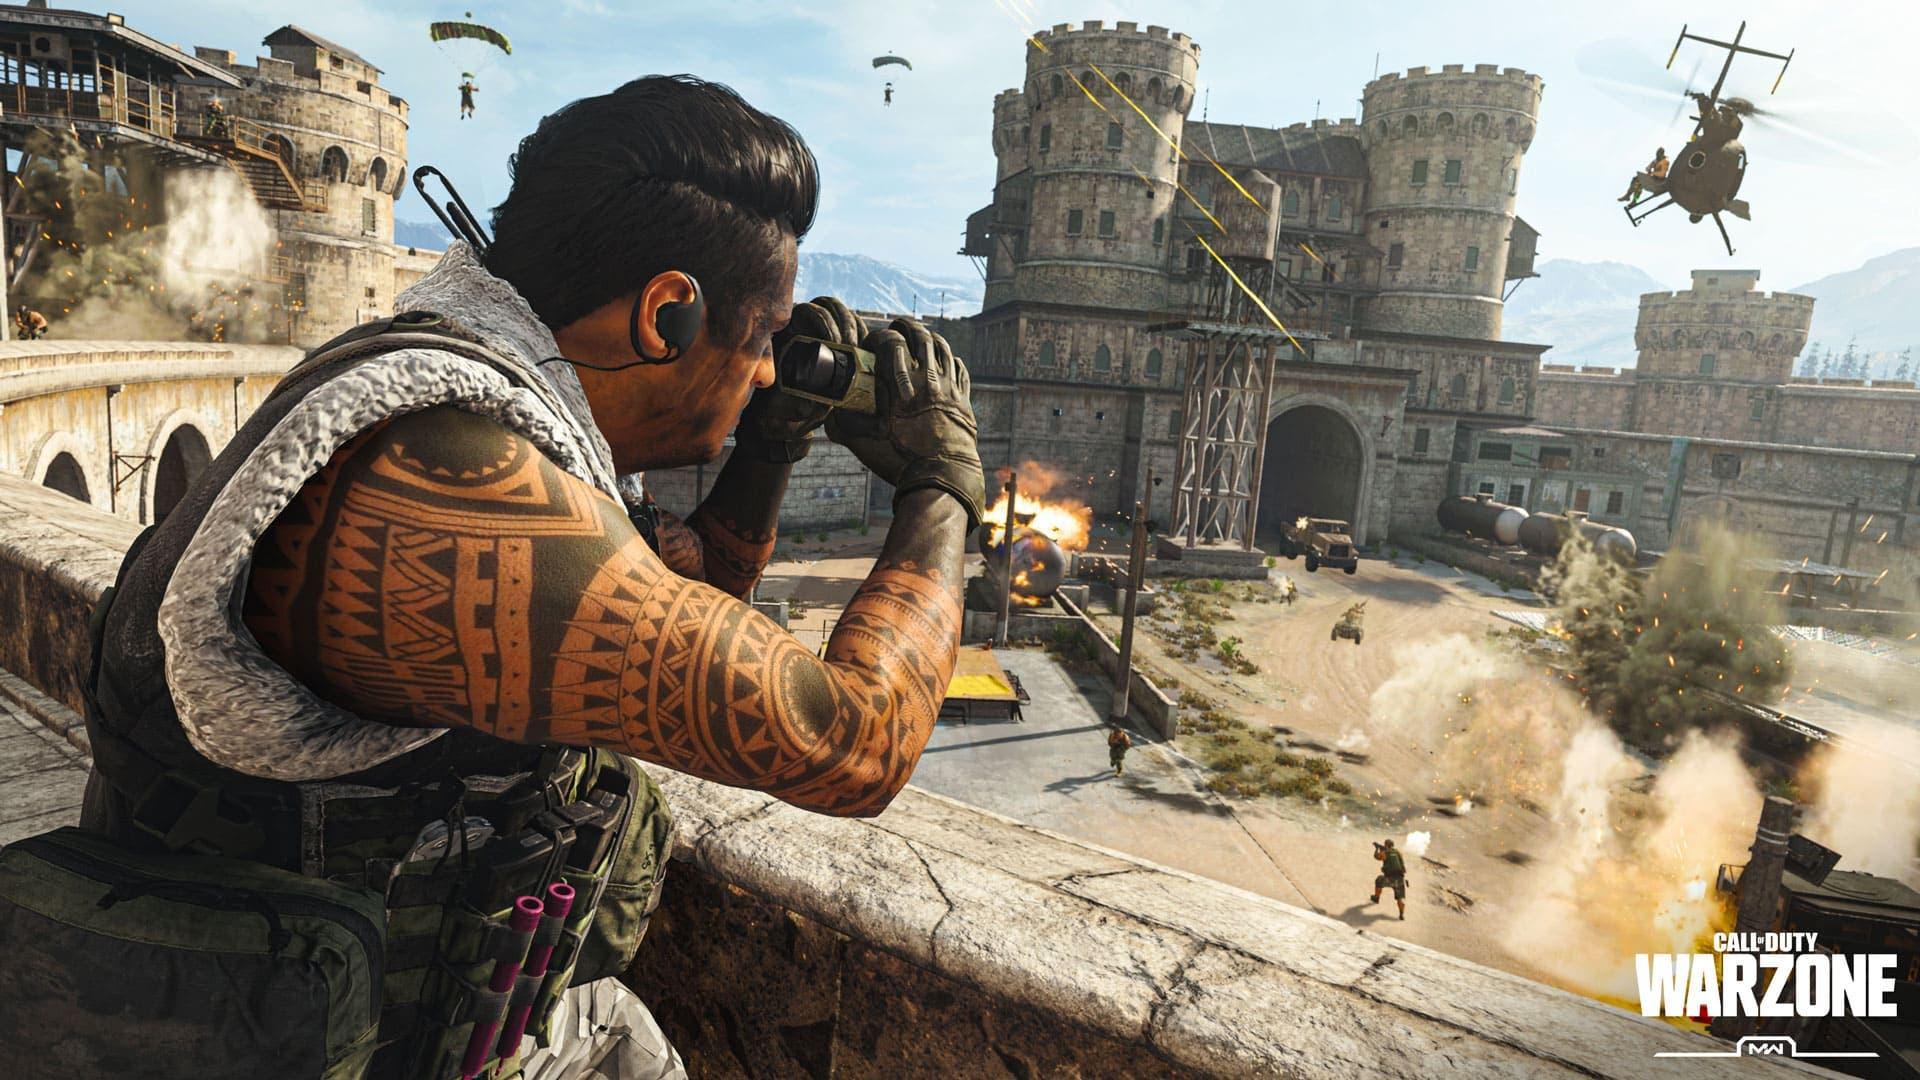 Call of Duty: Warzone implementa un importante cambio en el modo solitario de Battle Royale 1